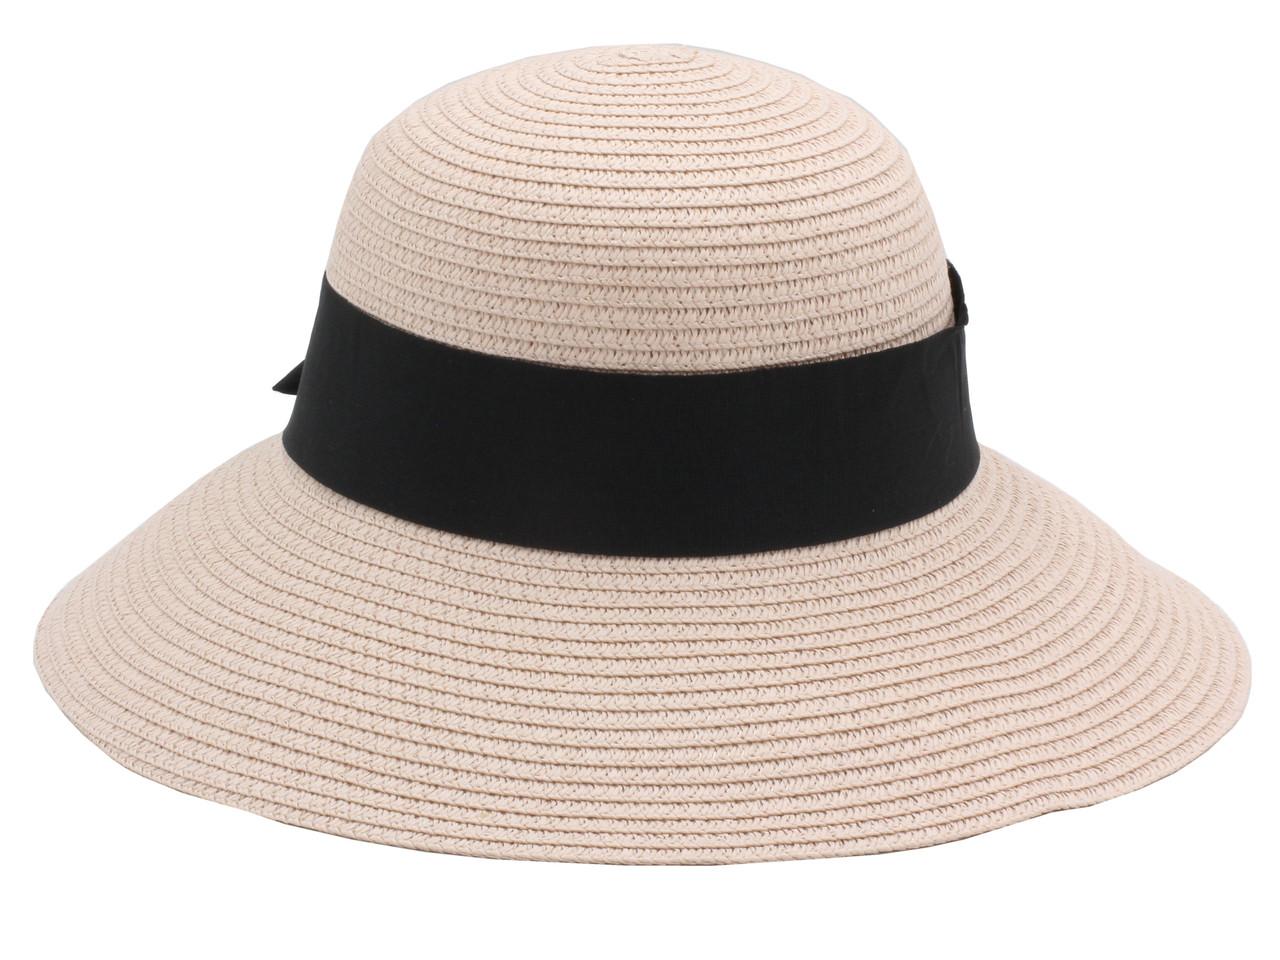 Женская летняя пляжная шляпа канотье от солнца цвета пудра, с бантом черного цвета